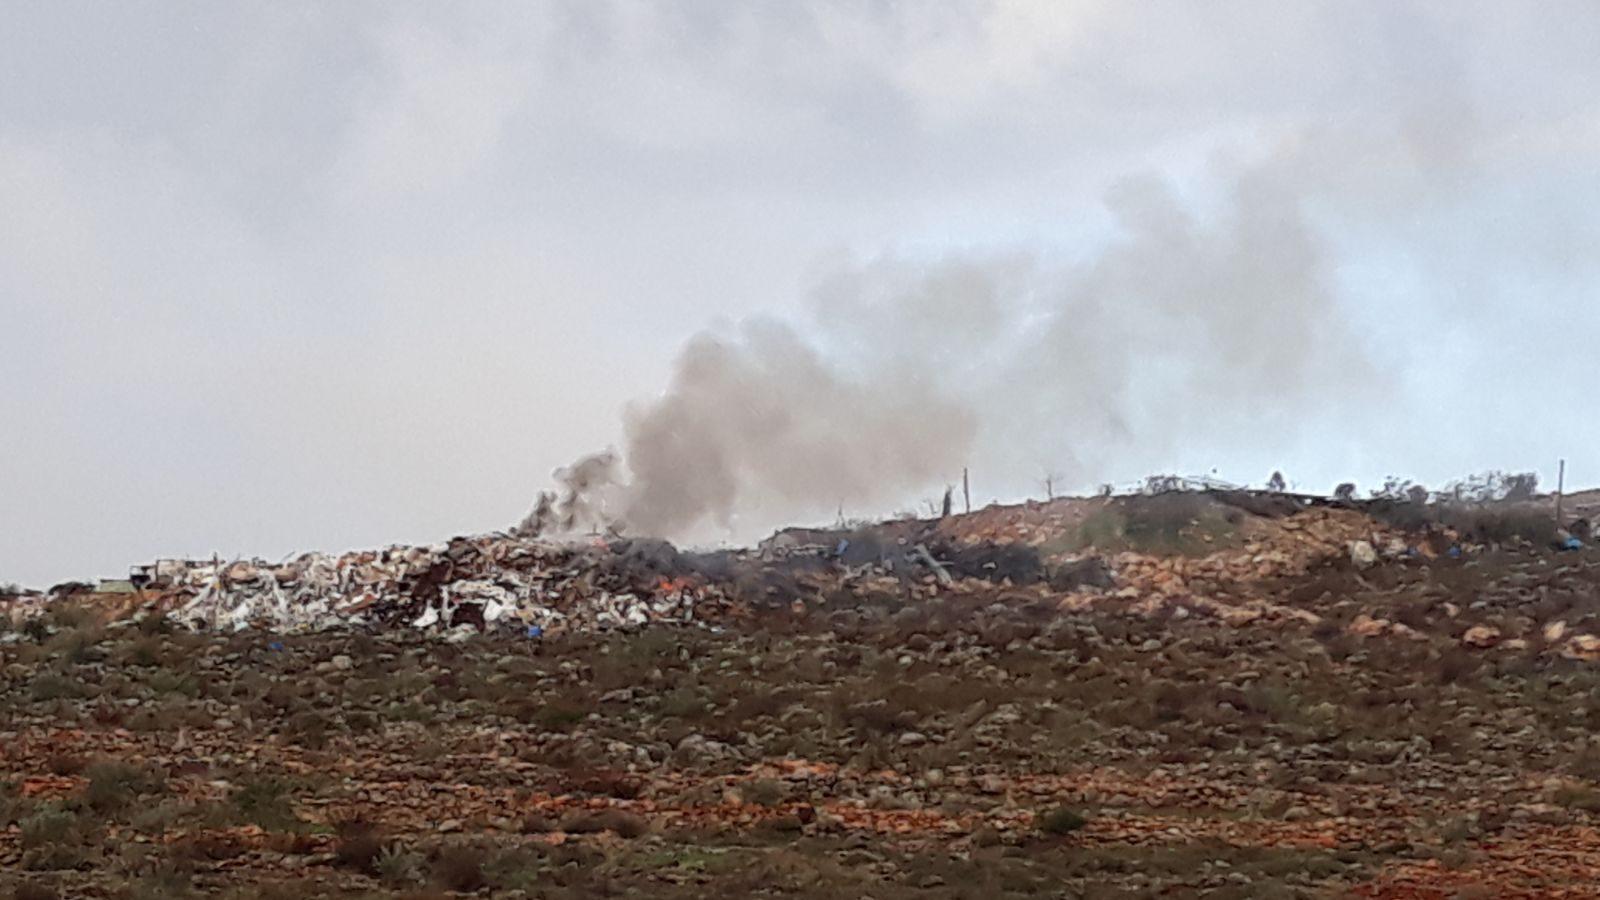 """למרות שריפת הפסולת וזיהום האוויר, בג""""ץ דחה עתירה נגד המזבלה הפיראטית של קלקיליה"""